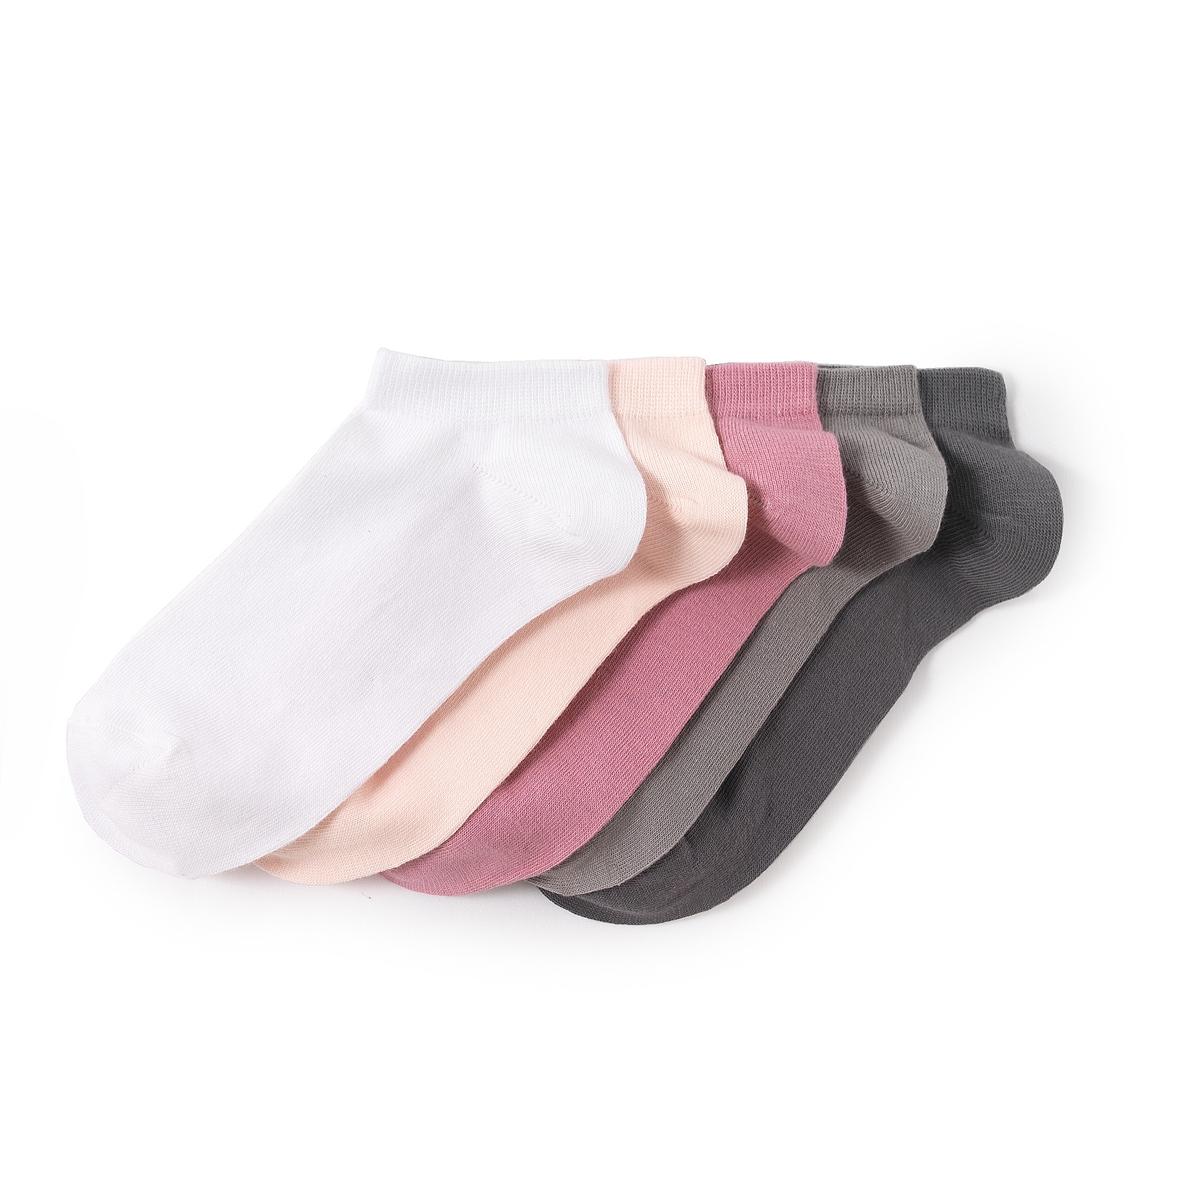 Комплект из 5 пар коротких носков из хлопка комплект из 5 пар коротких носков из хлопка